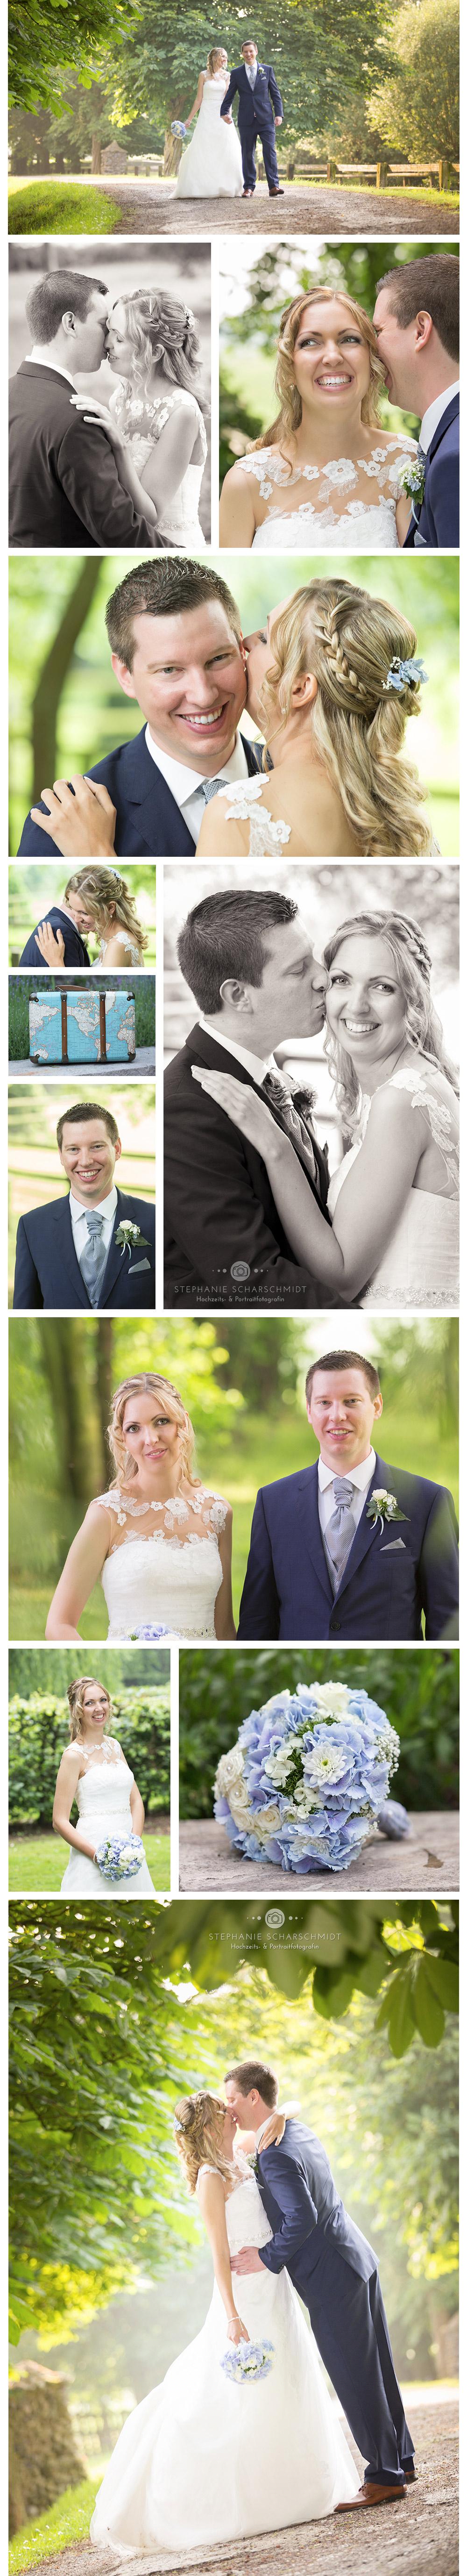 Brautpaarfotos Shouting einer ganztags Hochzeitsreportage